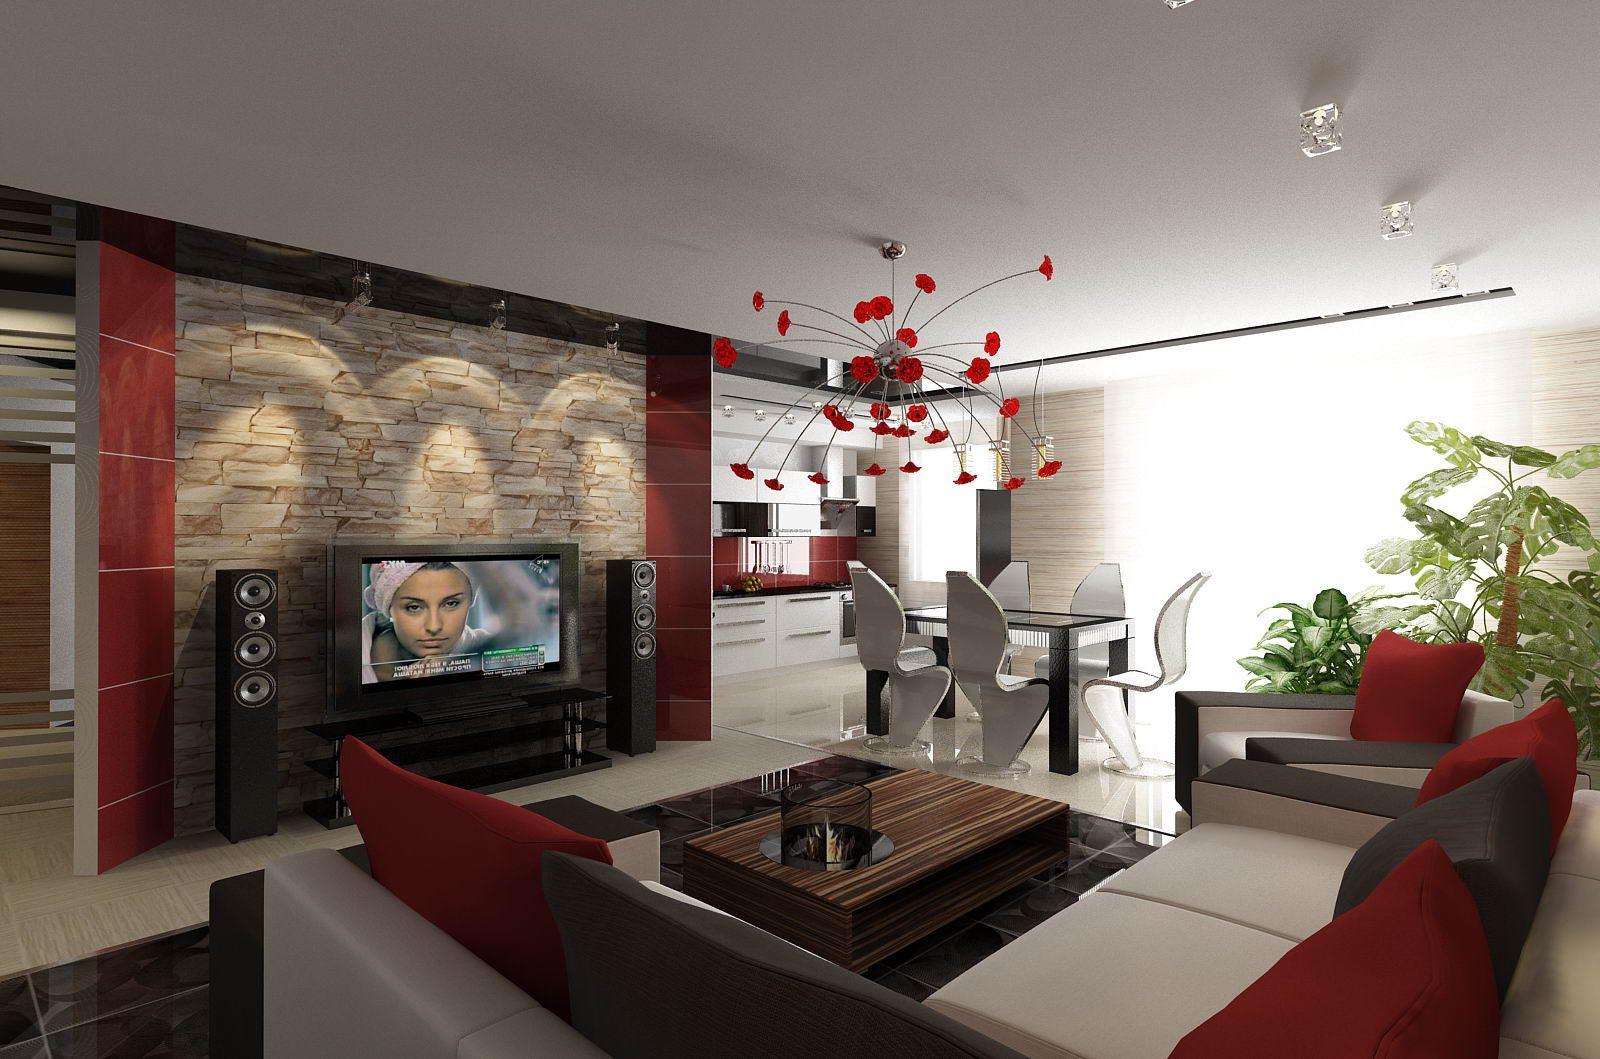 Новые строительные материалы, которые скоро заменят бетон, стекло, дерево. Новинка: печать дома из мусора